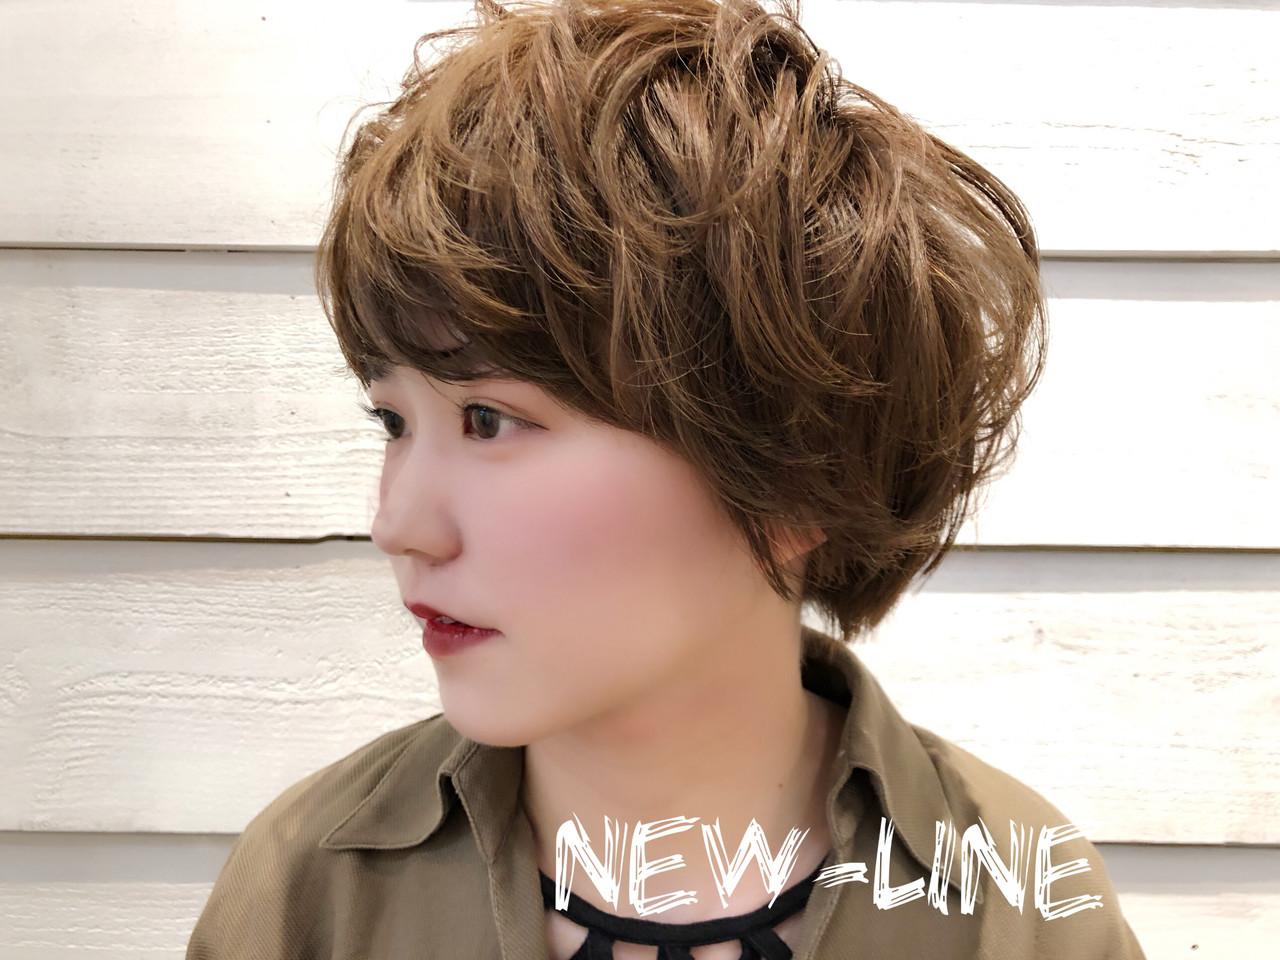 ベージュ 大人かわいい 外国人風 ヘアアレンジ ヘアスタイルや髪型の写真・画像 | YUKA / NEWLINE